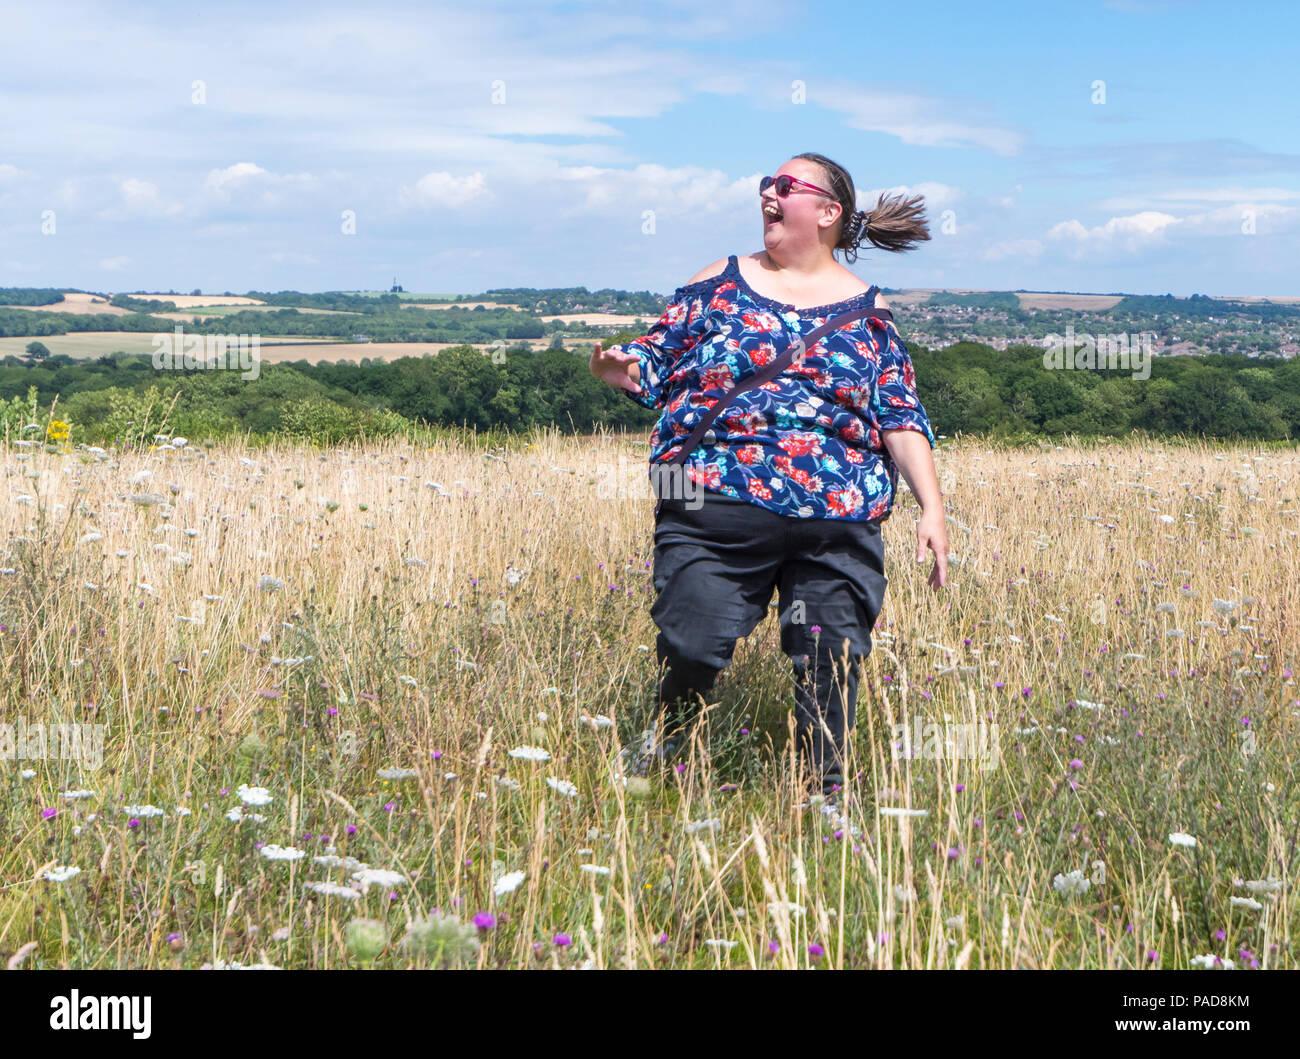 Giovane donna salta e gira intorno ad un prato in campagna britannica in un giorno caldo nel luglio 2018 ondata di caldo a Highdown Hill, West Sussex, in Inghilterra, Regno Unito. Concetto di felicità. Essere felice concetto. Jumping con gioia il concetto. Immagini Stock